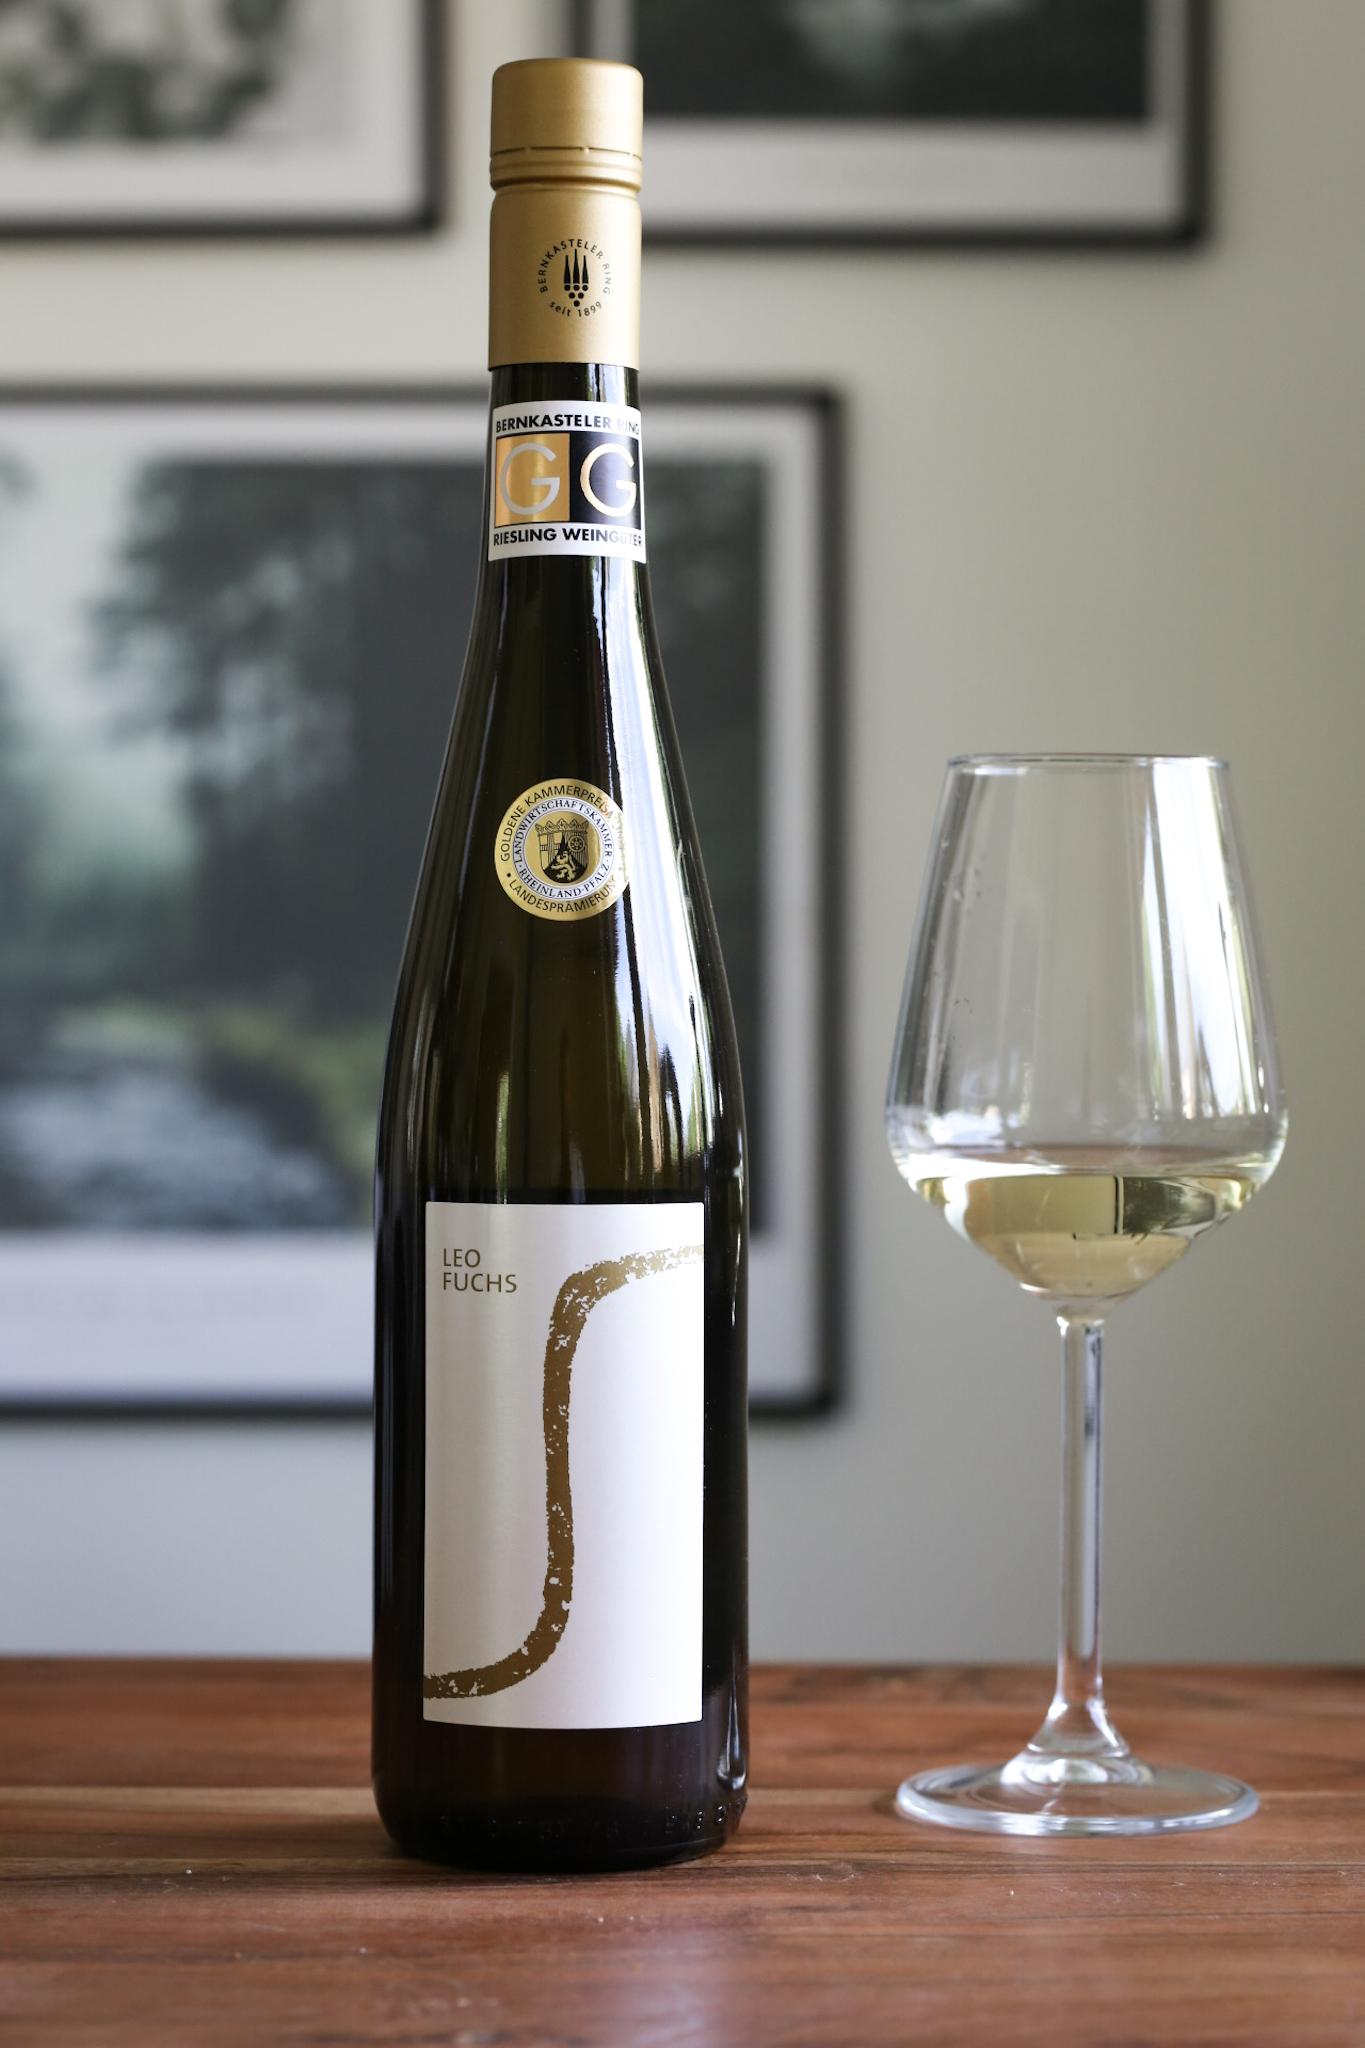 Gelebte Tradition trifft auf Moderne im Weingut LEO FUCHS Riesling Mosel Wein Weißburgunder Moseltal Schiefer